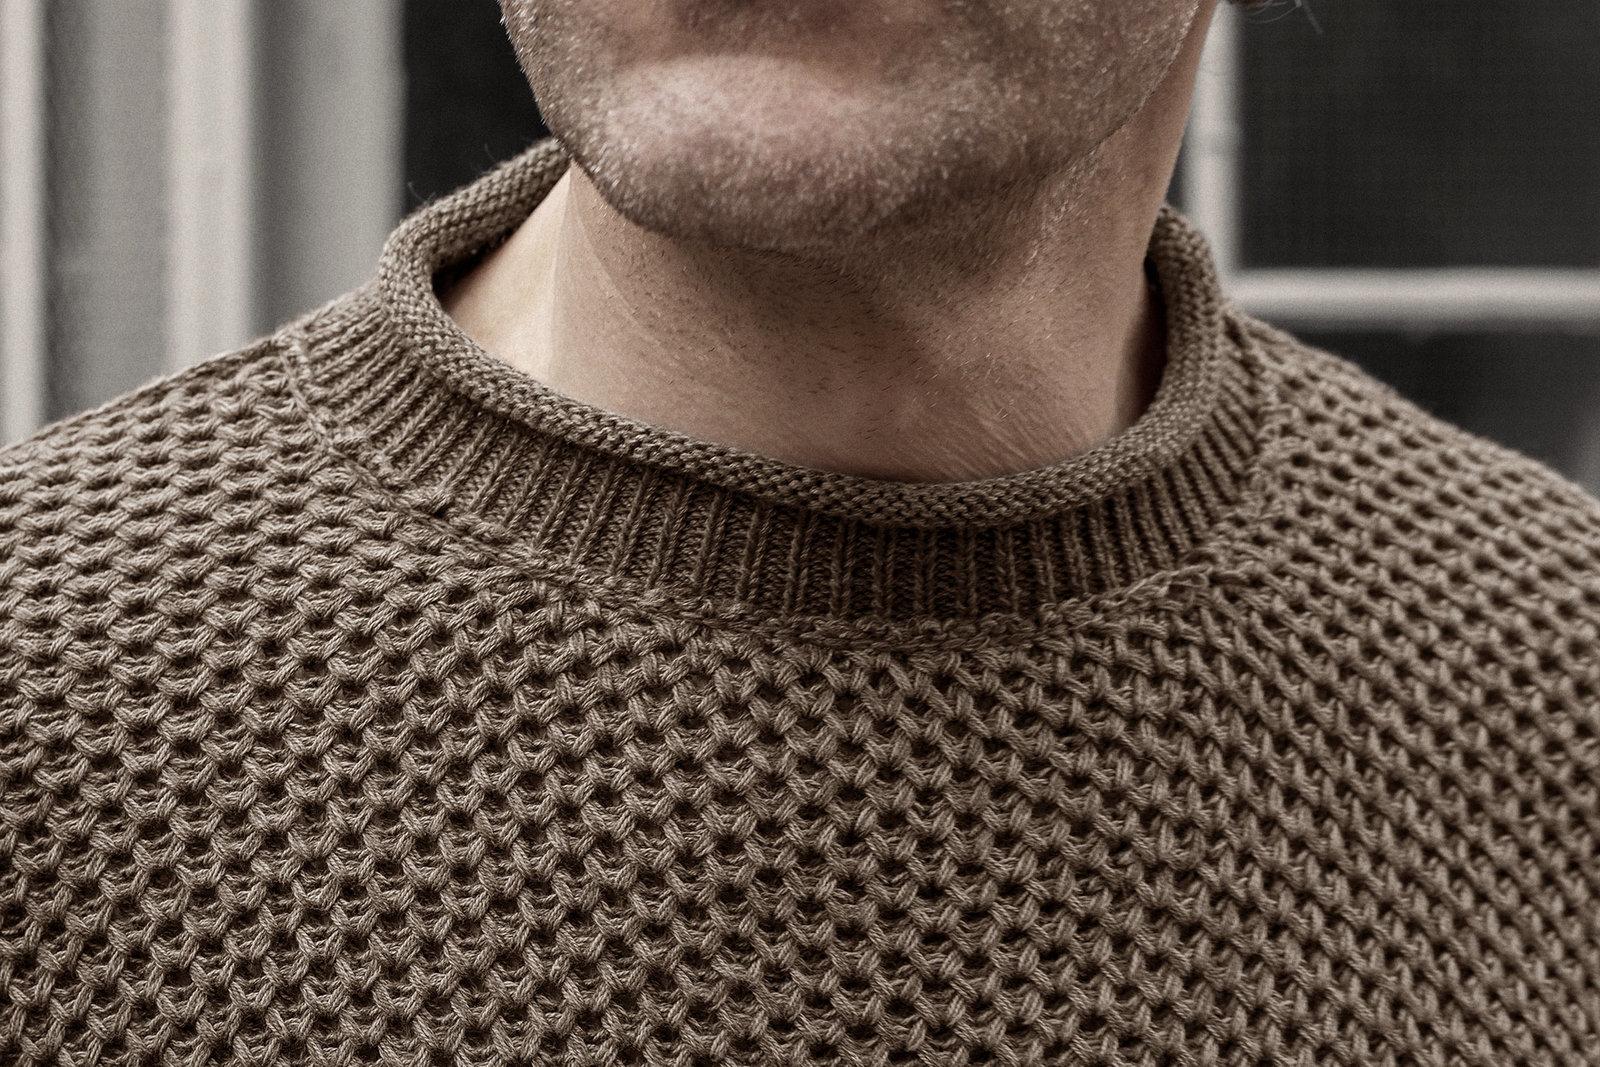 boatneck-cotton-malt-worn-7@2x.jpg